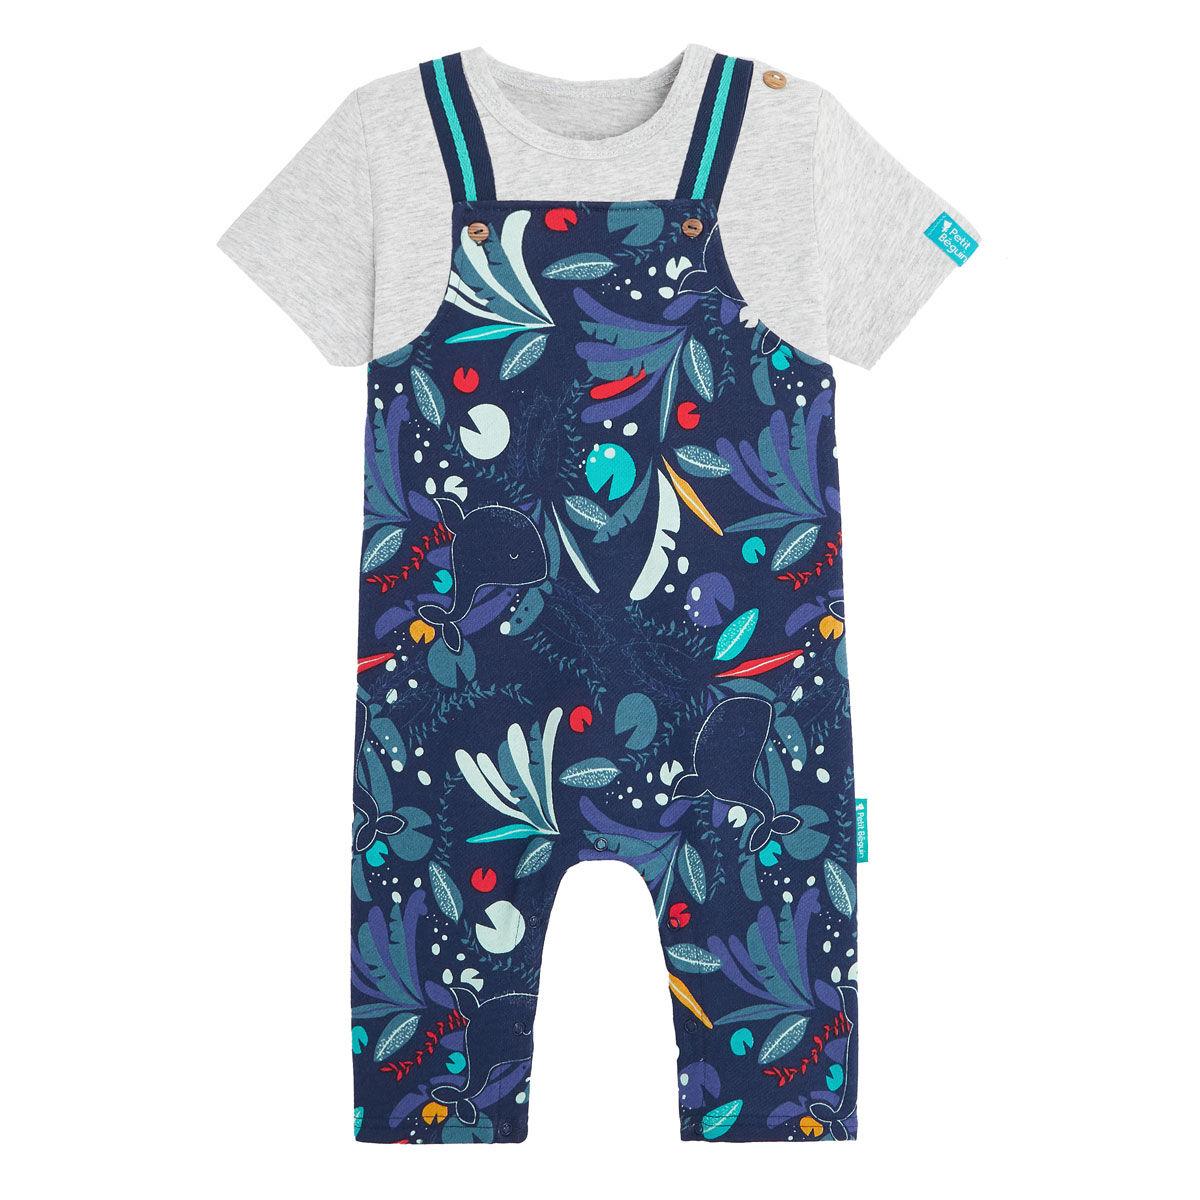 Petit Béguin Salopette bébé garçon contenant du coton gratté bio et t-shirt Sea You - Taille - 9 mois